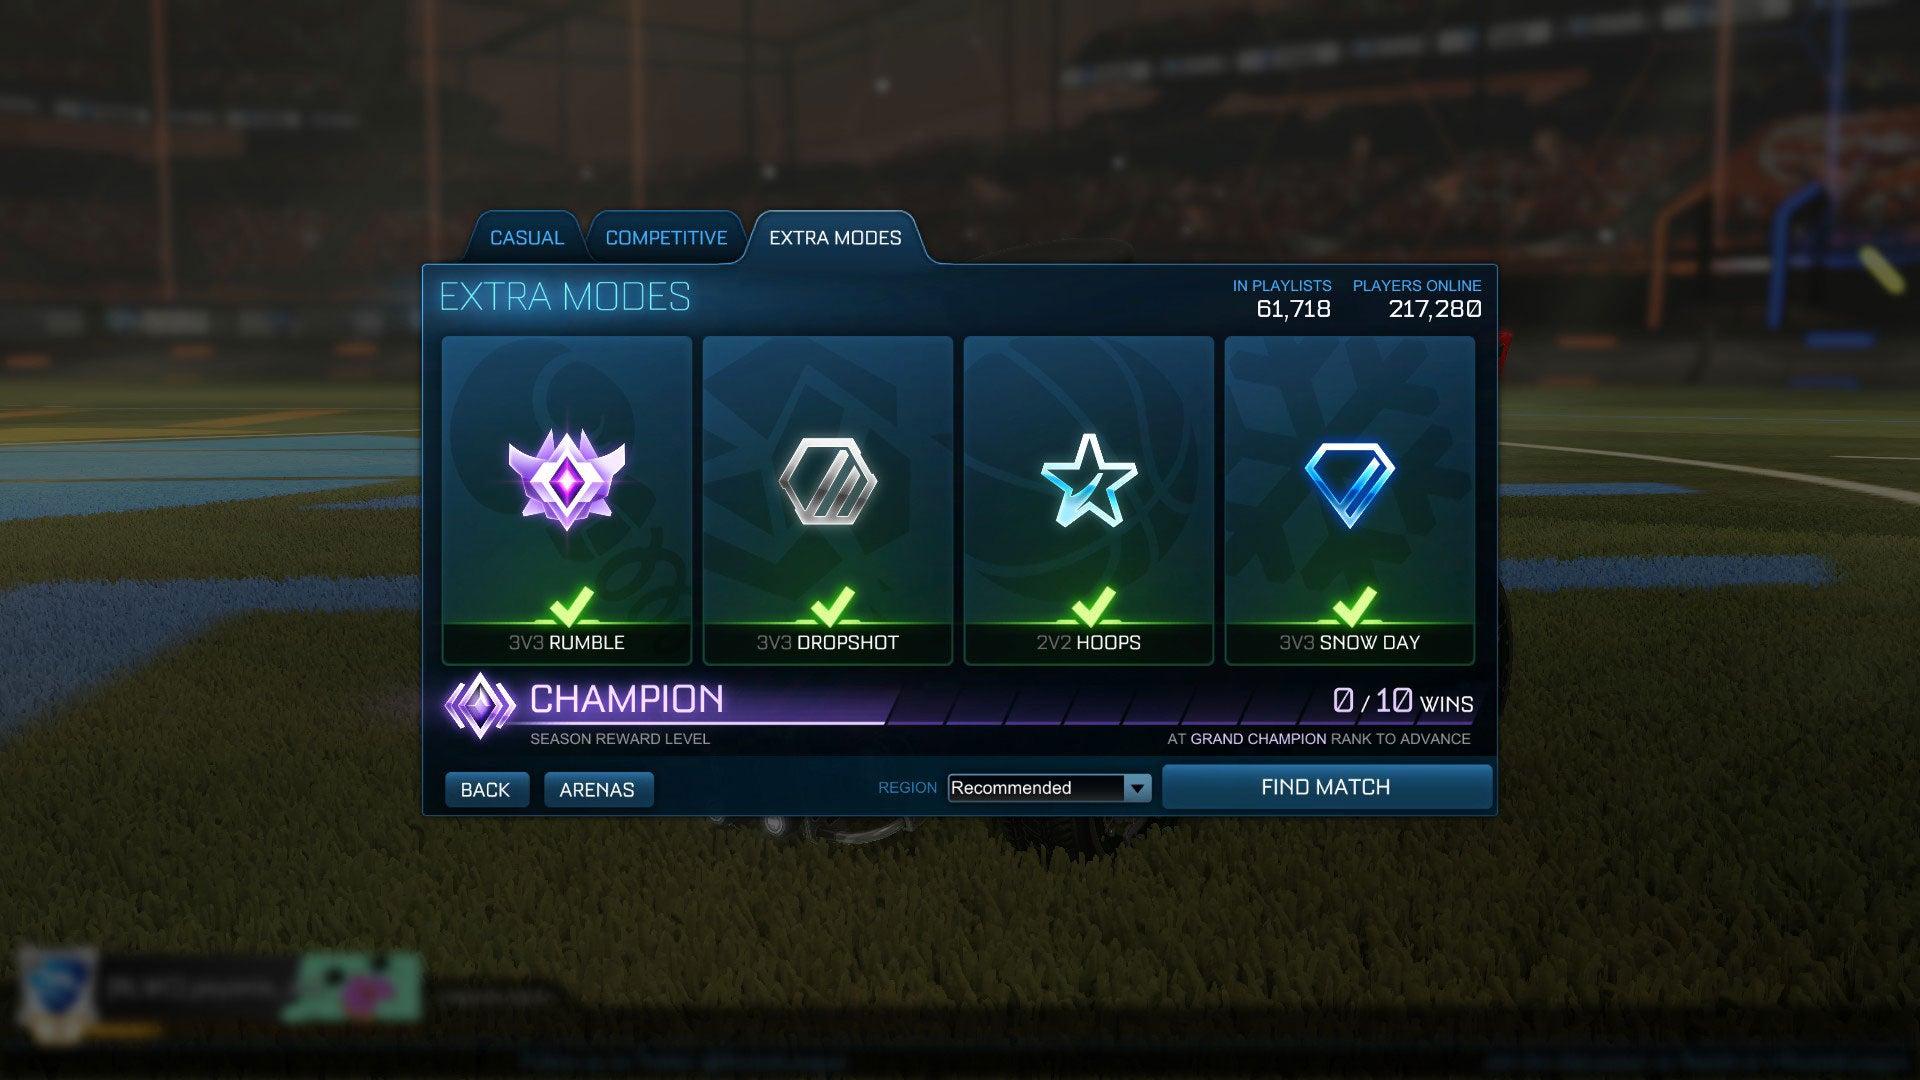 league ranked down